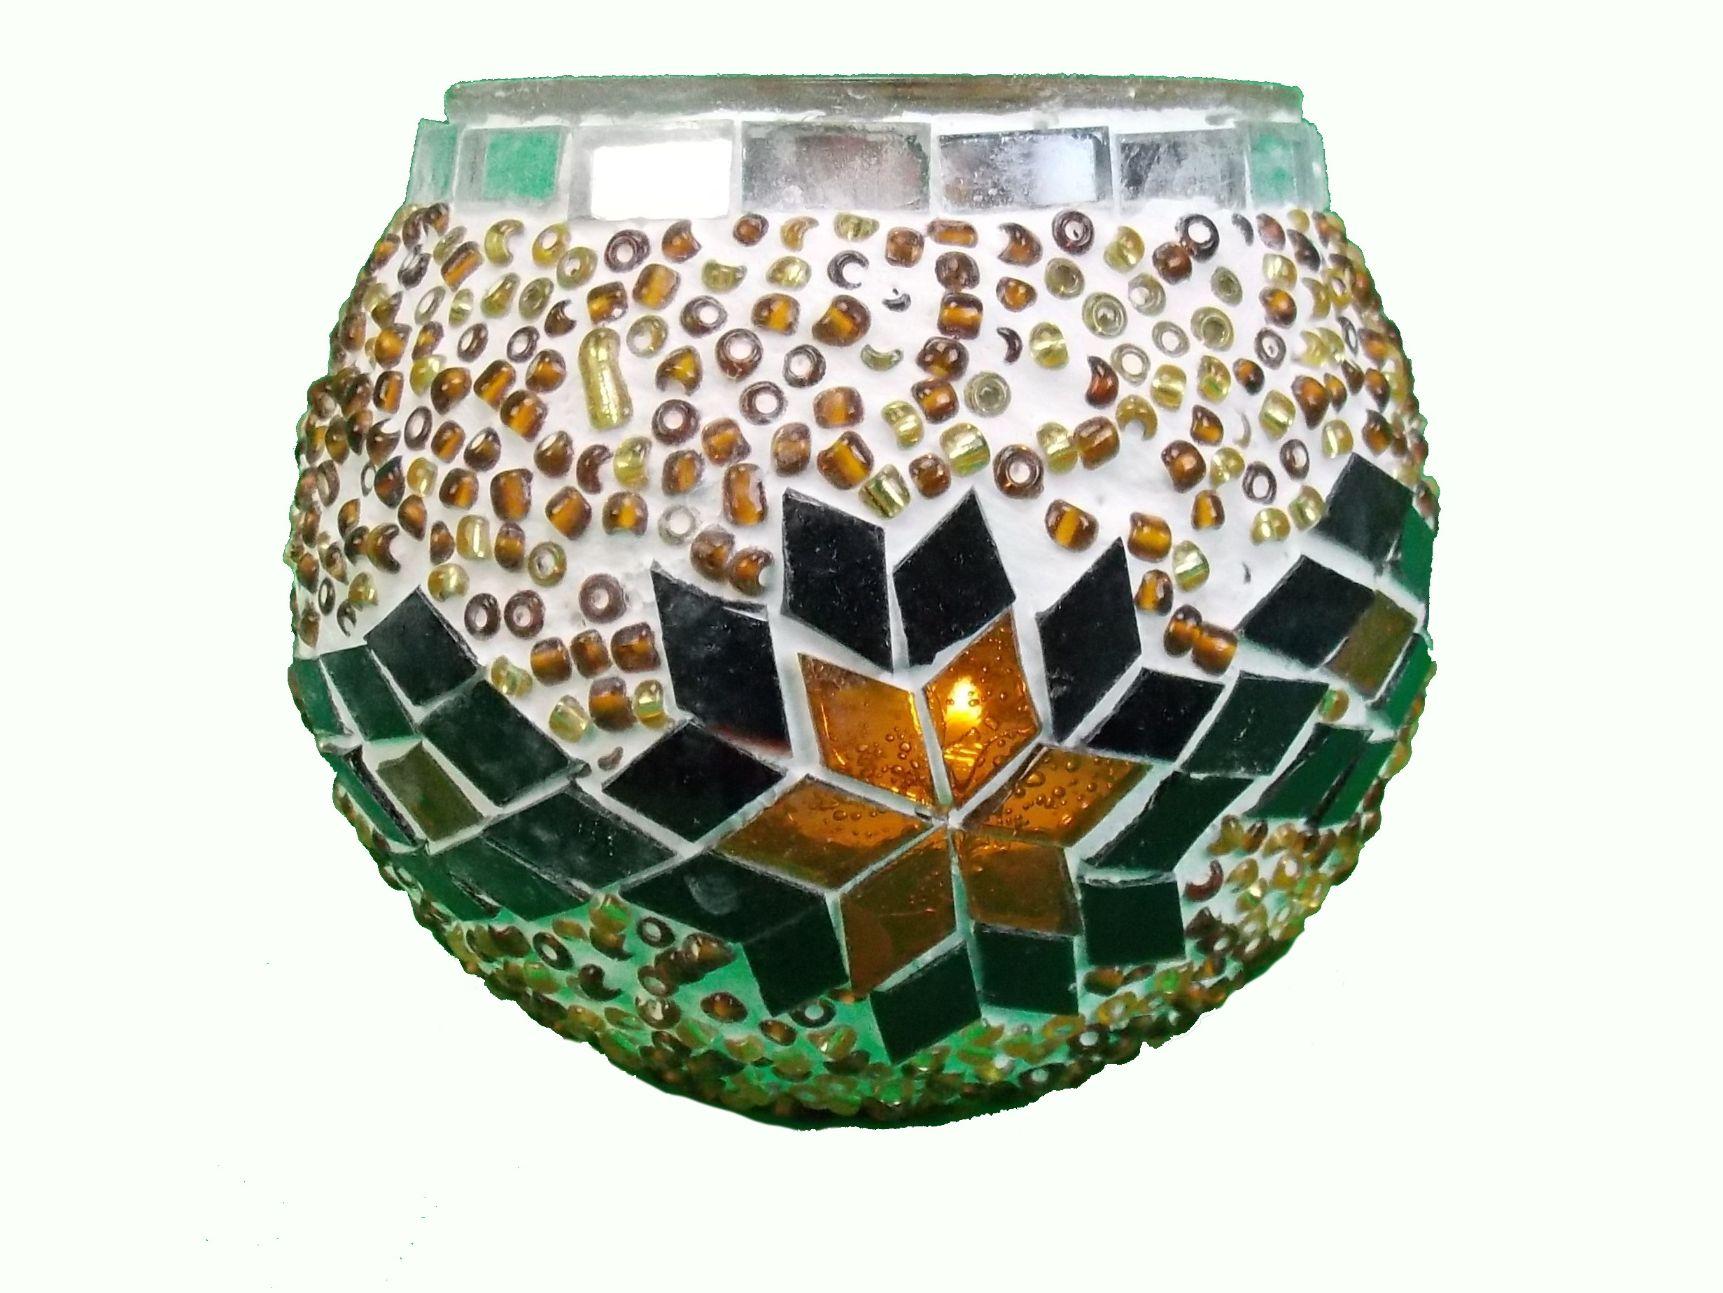 Candela mozaic 9cm -suport lumanare tip pastila